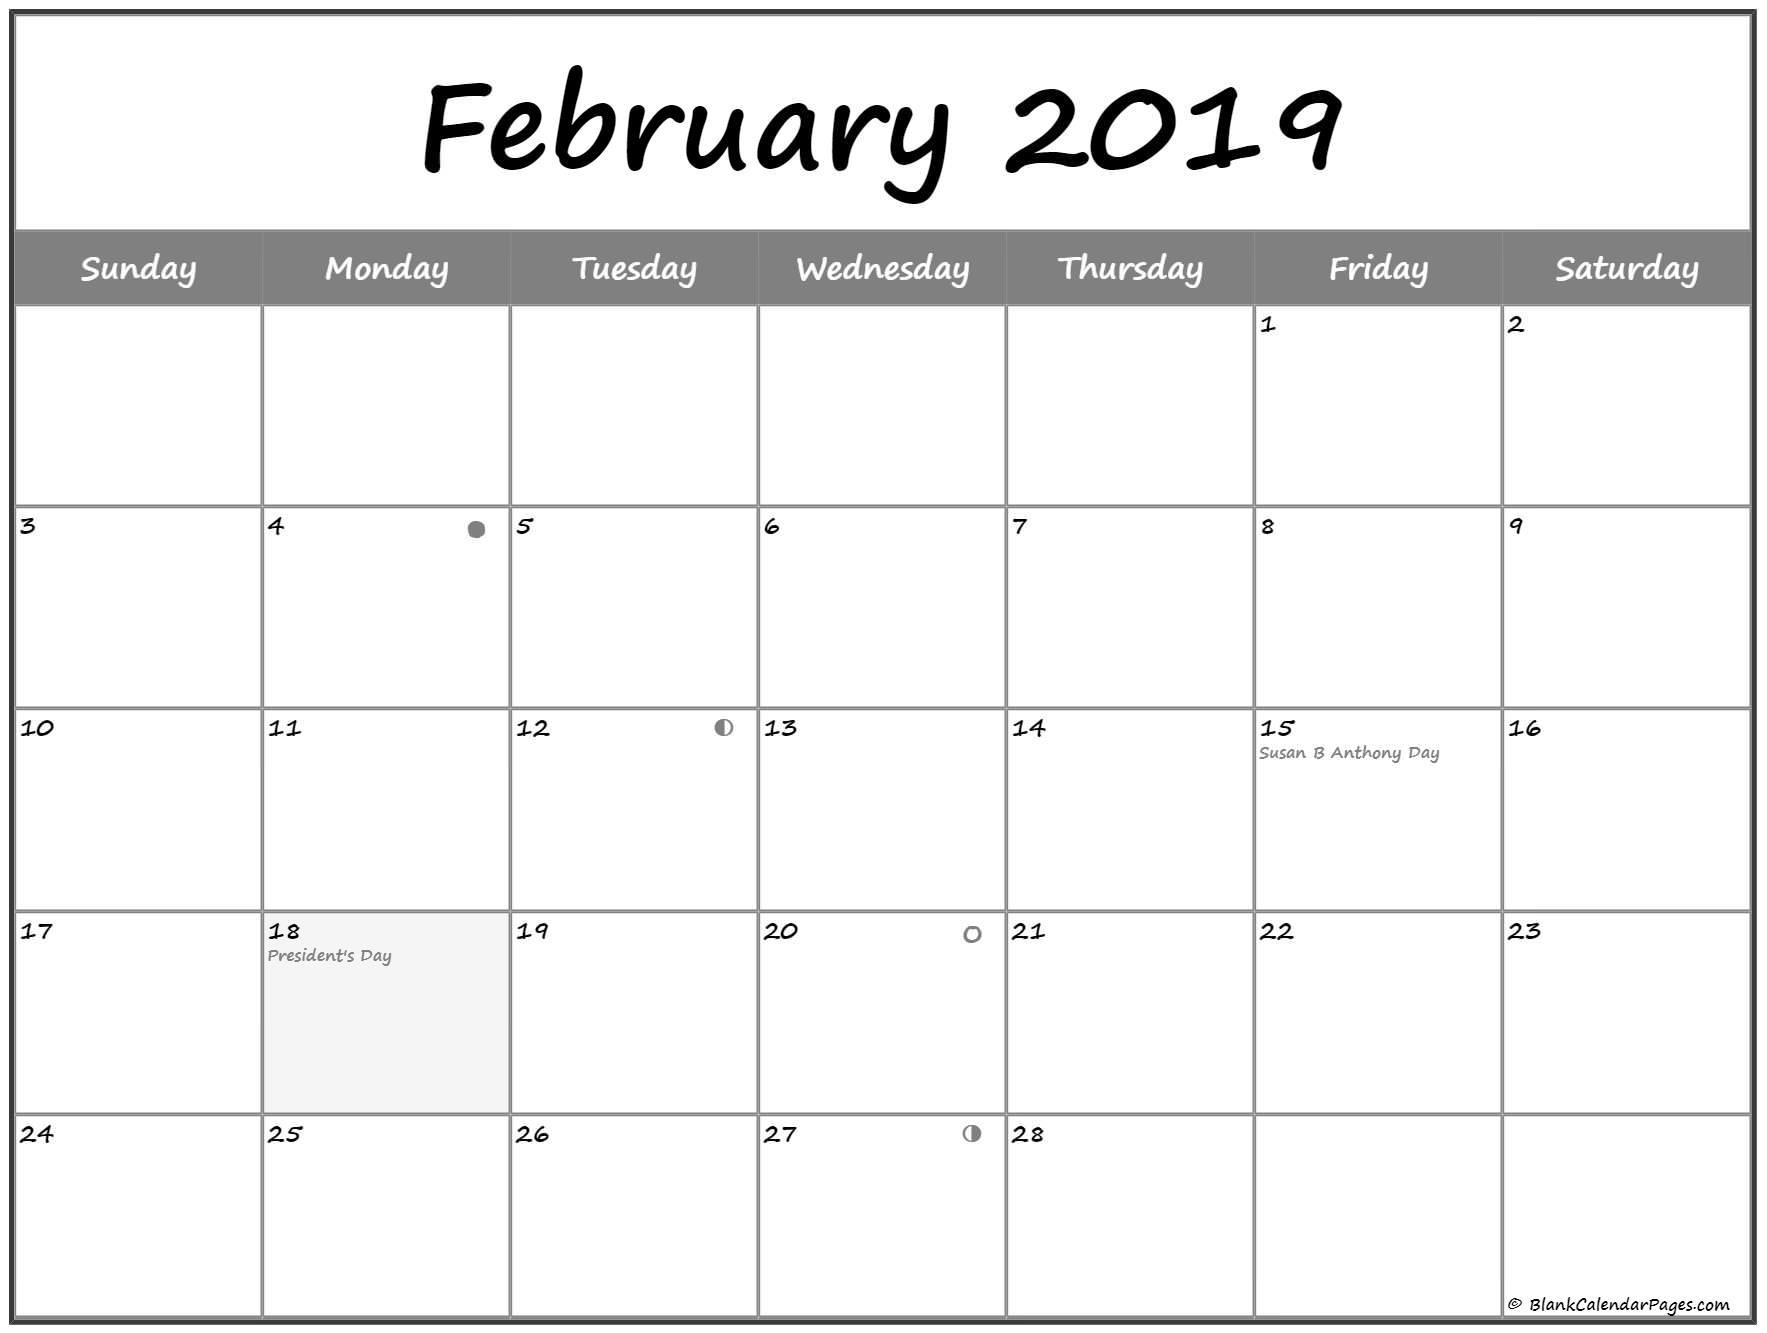 February 2019 South Africa Calendar